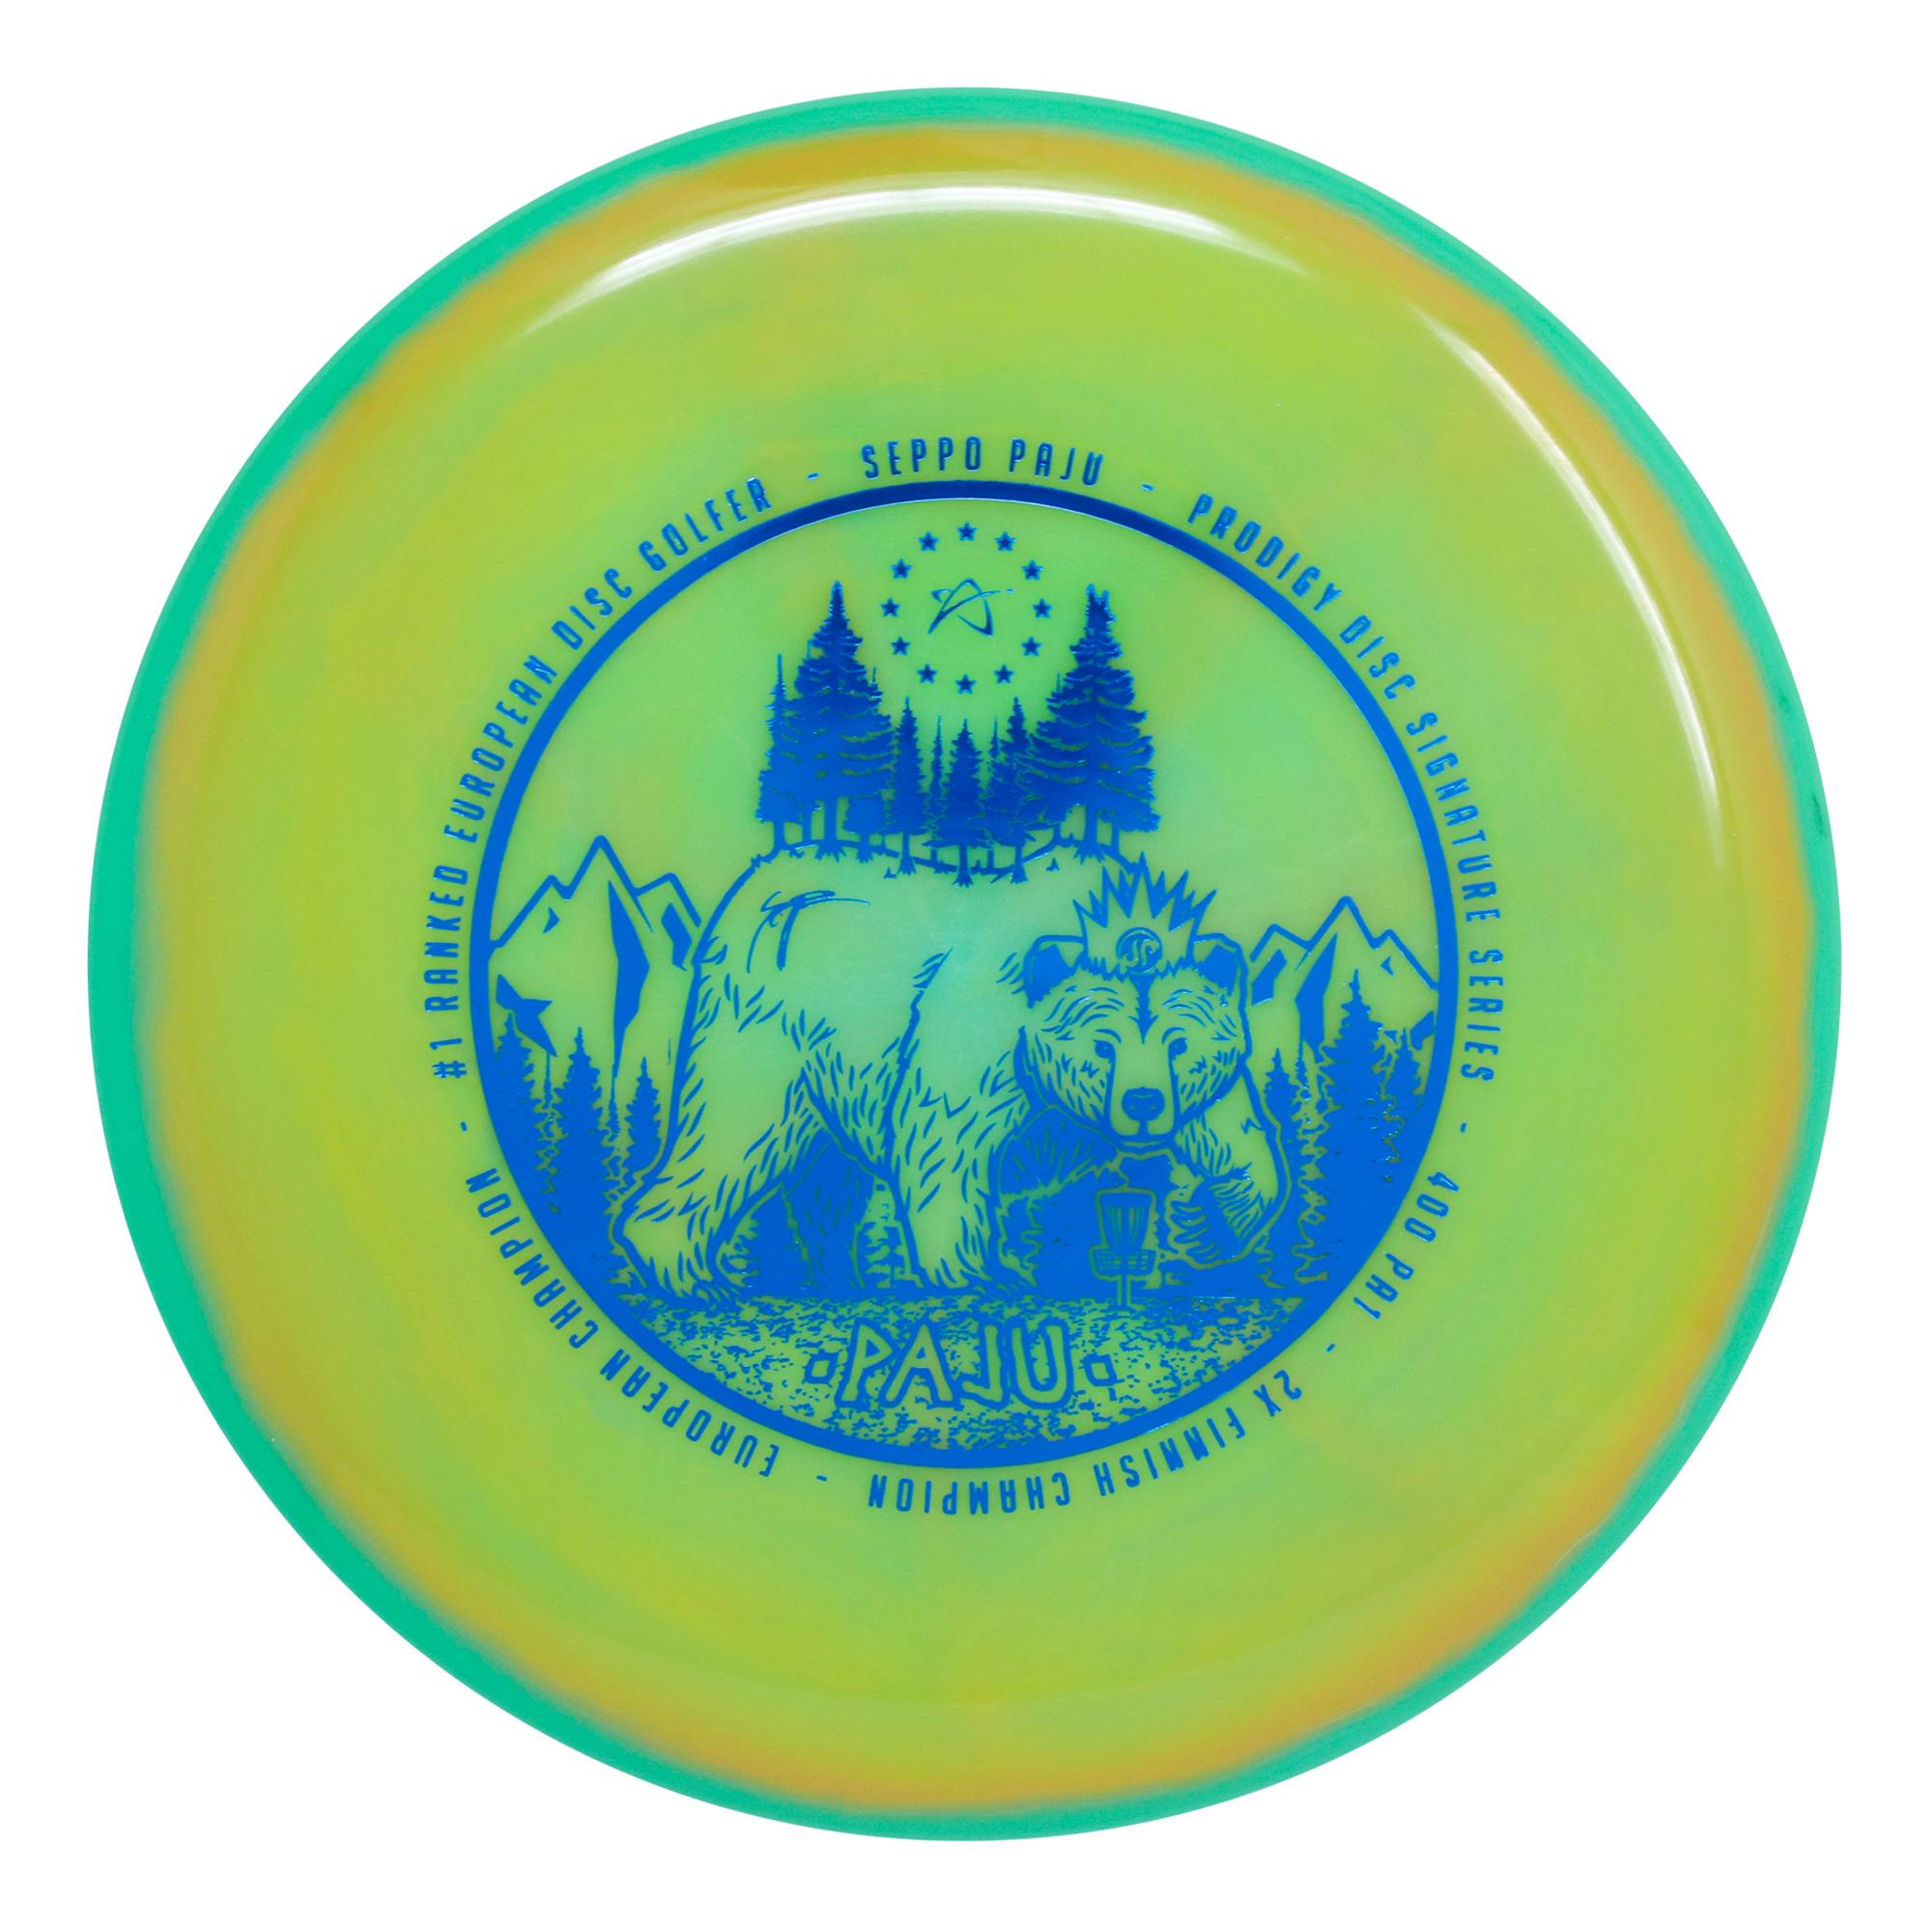 prodigy-PA-1-400-seppo-paju-sig_grn_bluefoil.jpg